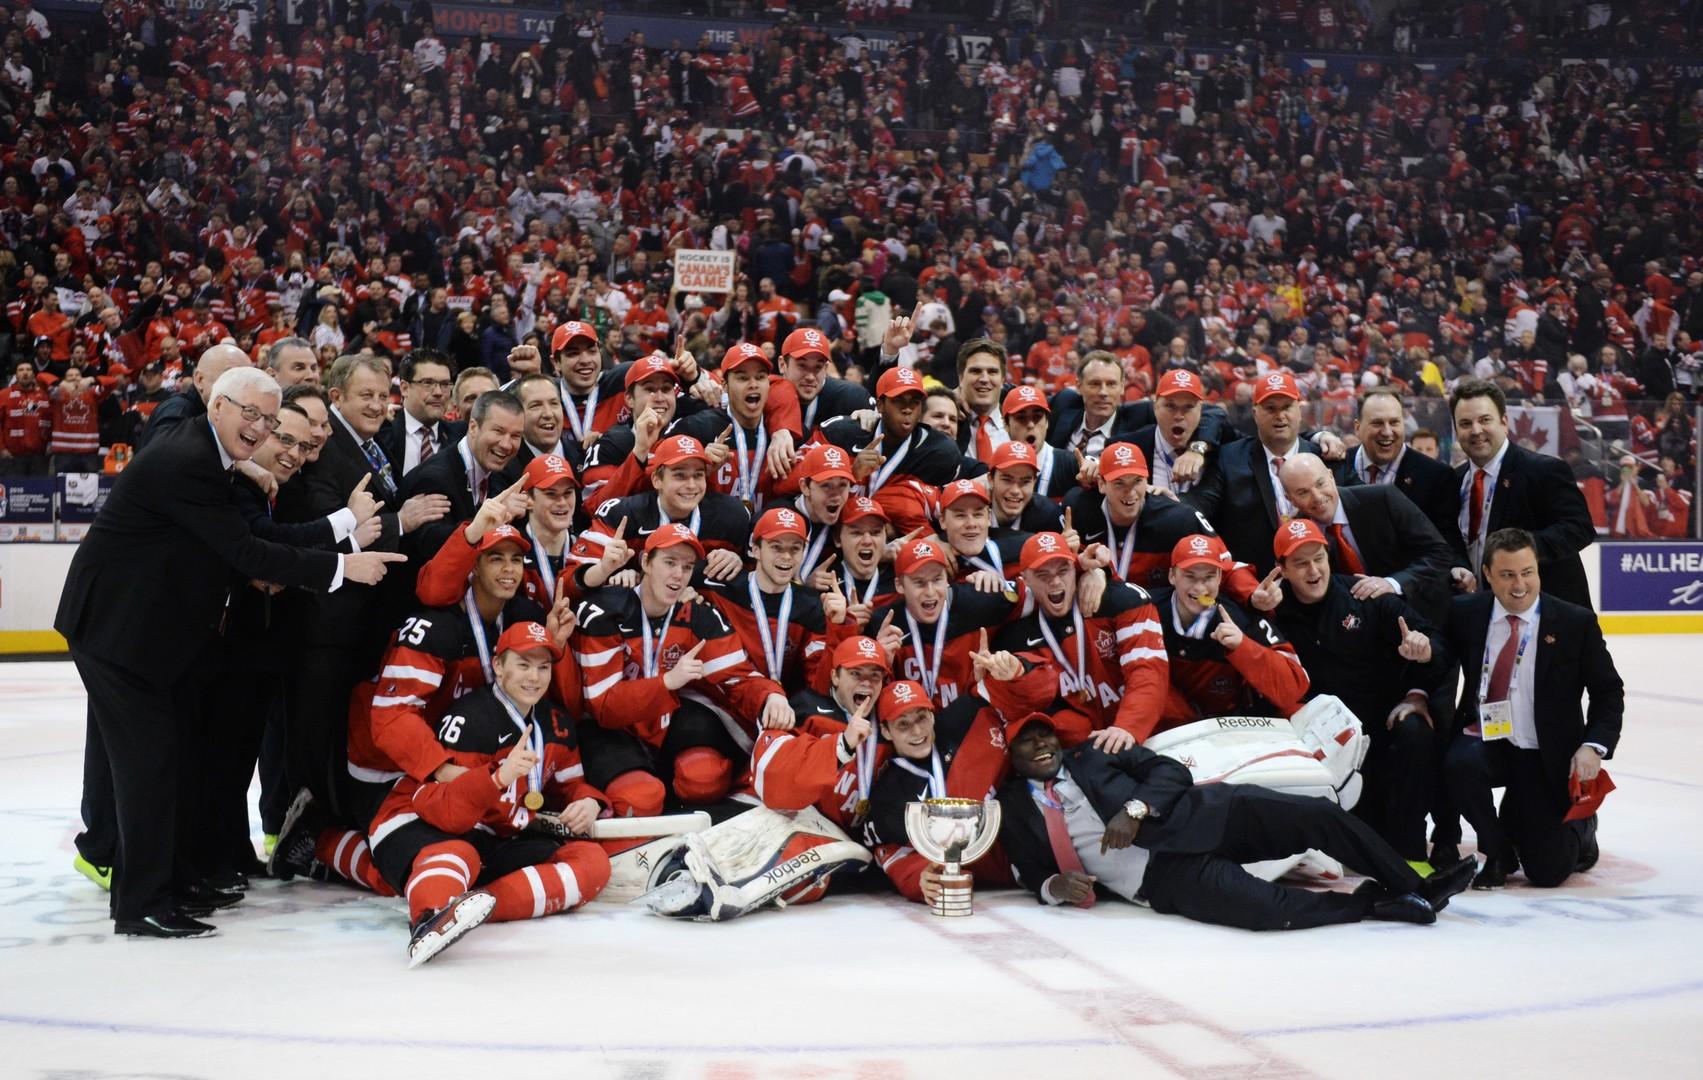 بالصور  .. روسيا تكتفي بالمركز الثاني في كأس العالم لهوكي الجليد